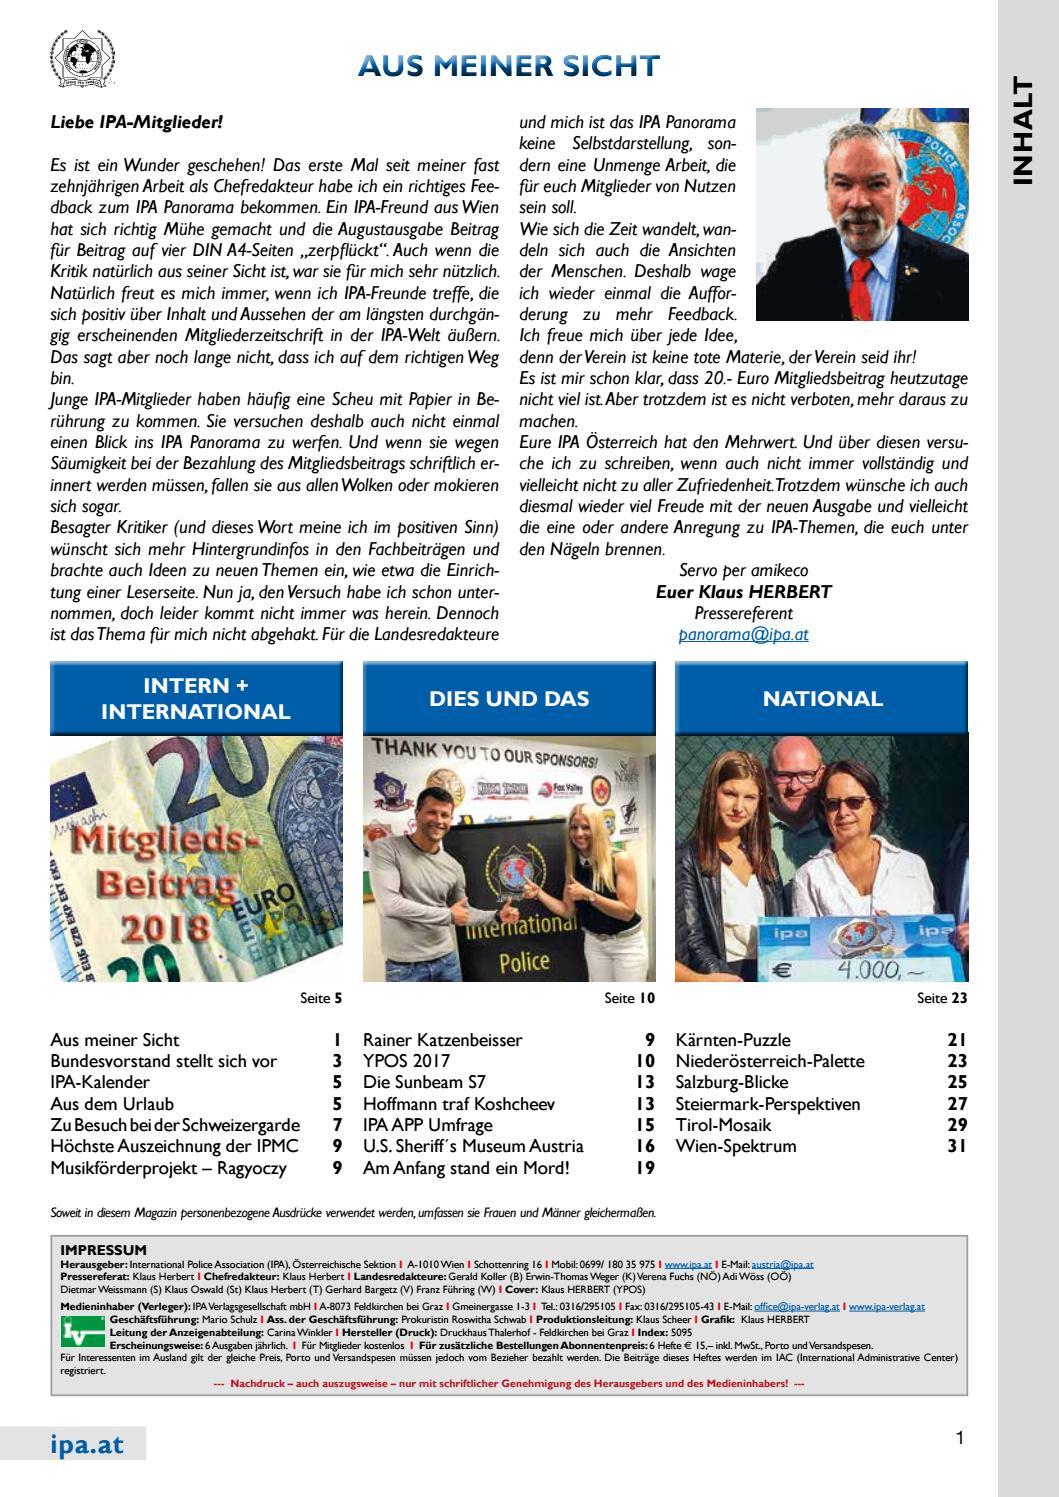 web single page application feldkirchen in kärnten